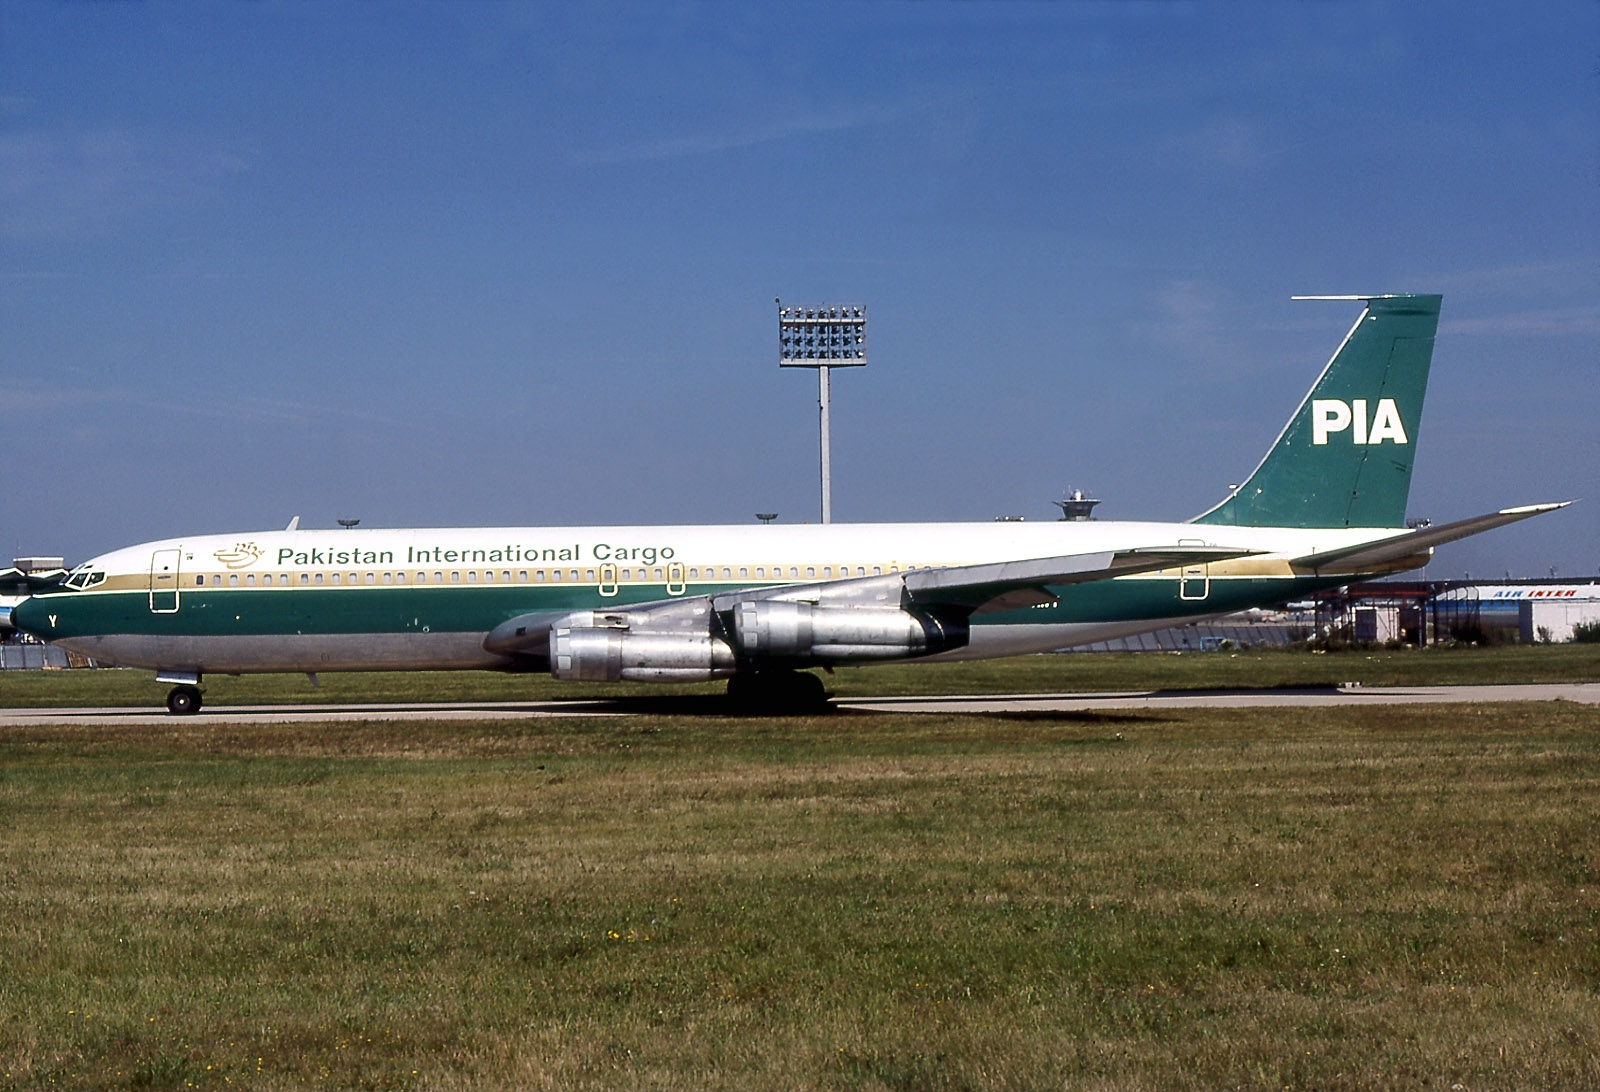 Pakistan International Airlines - Wikipedia